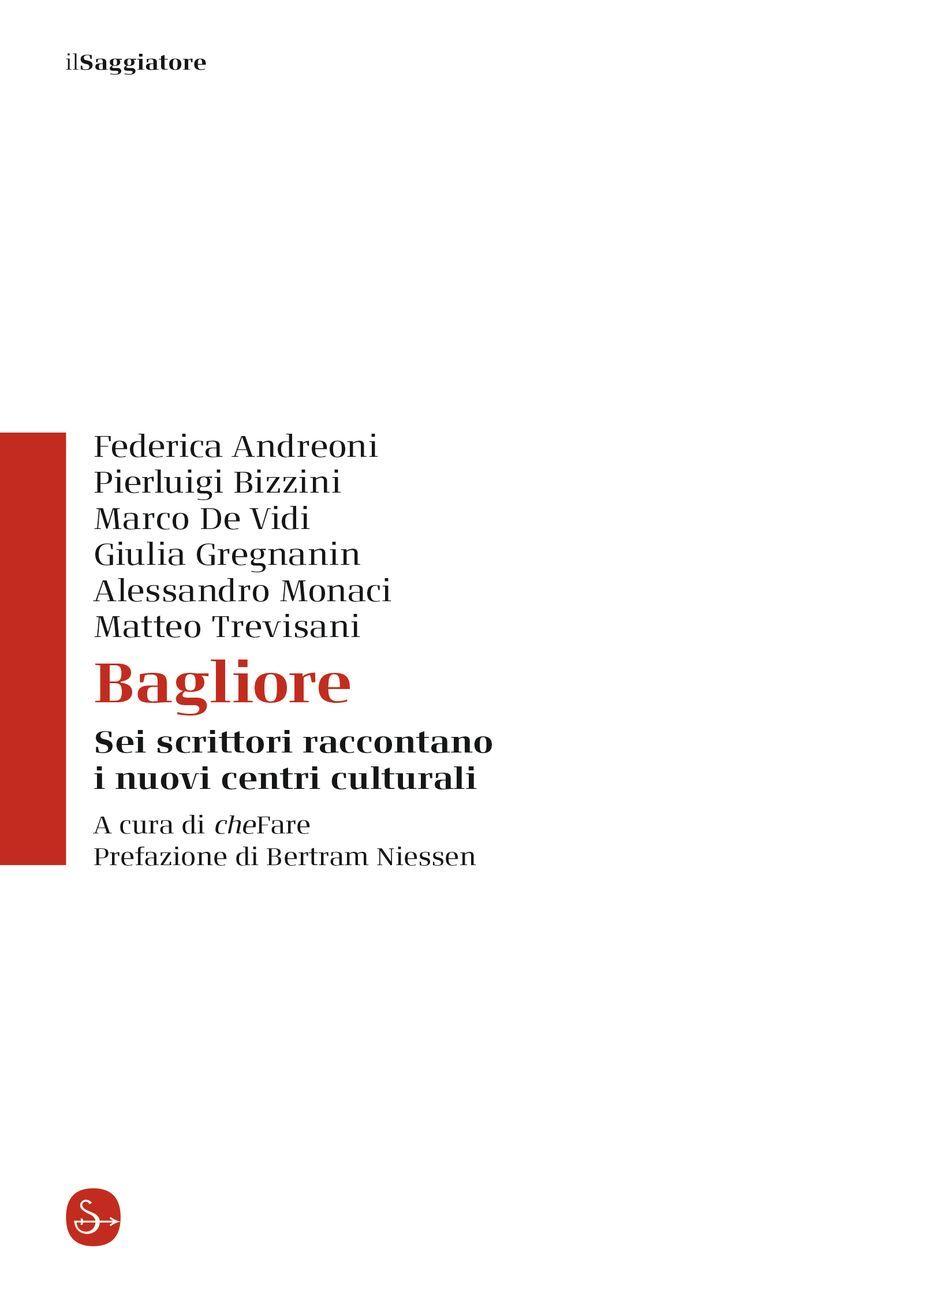 Bagliore (il Saggiatore, Milano 2020)